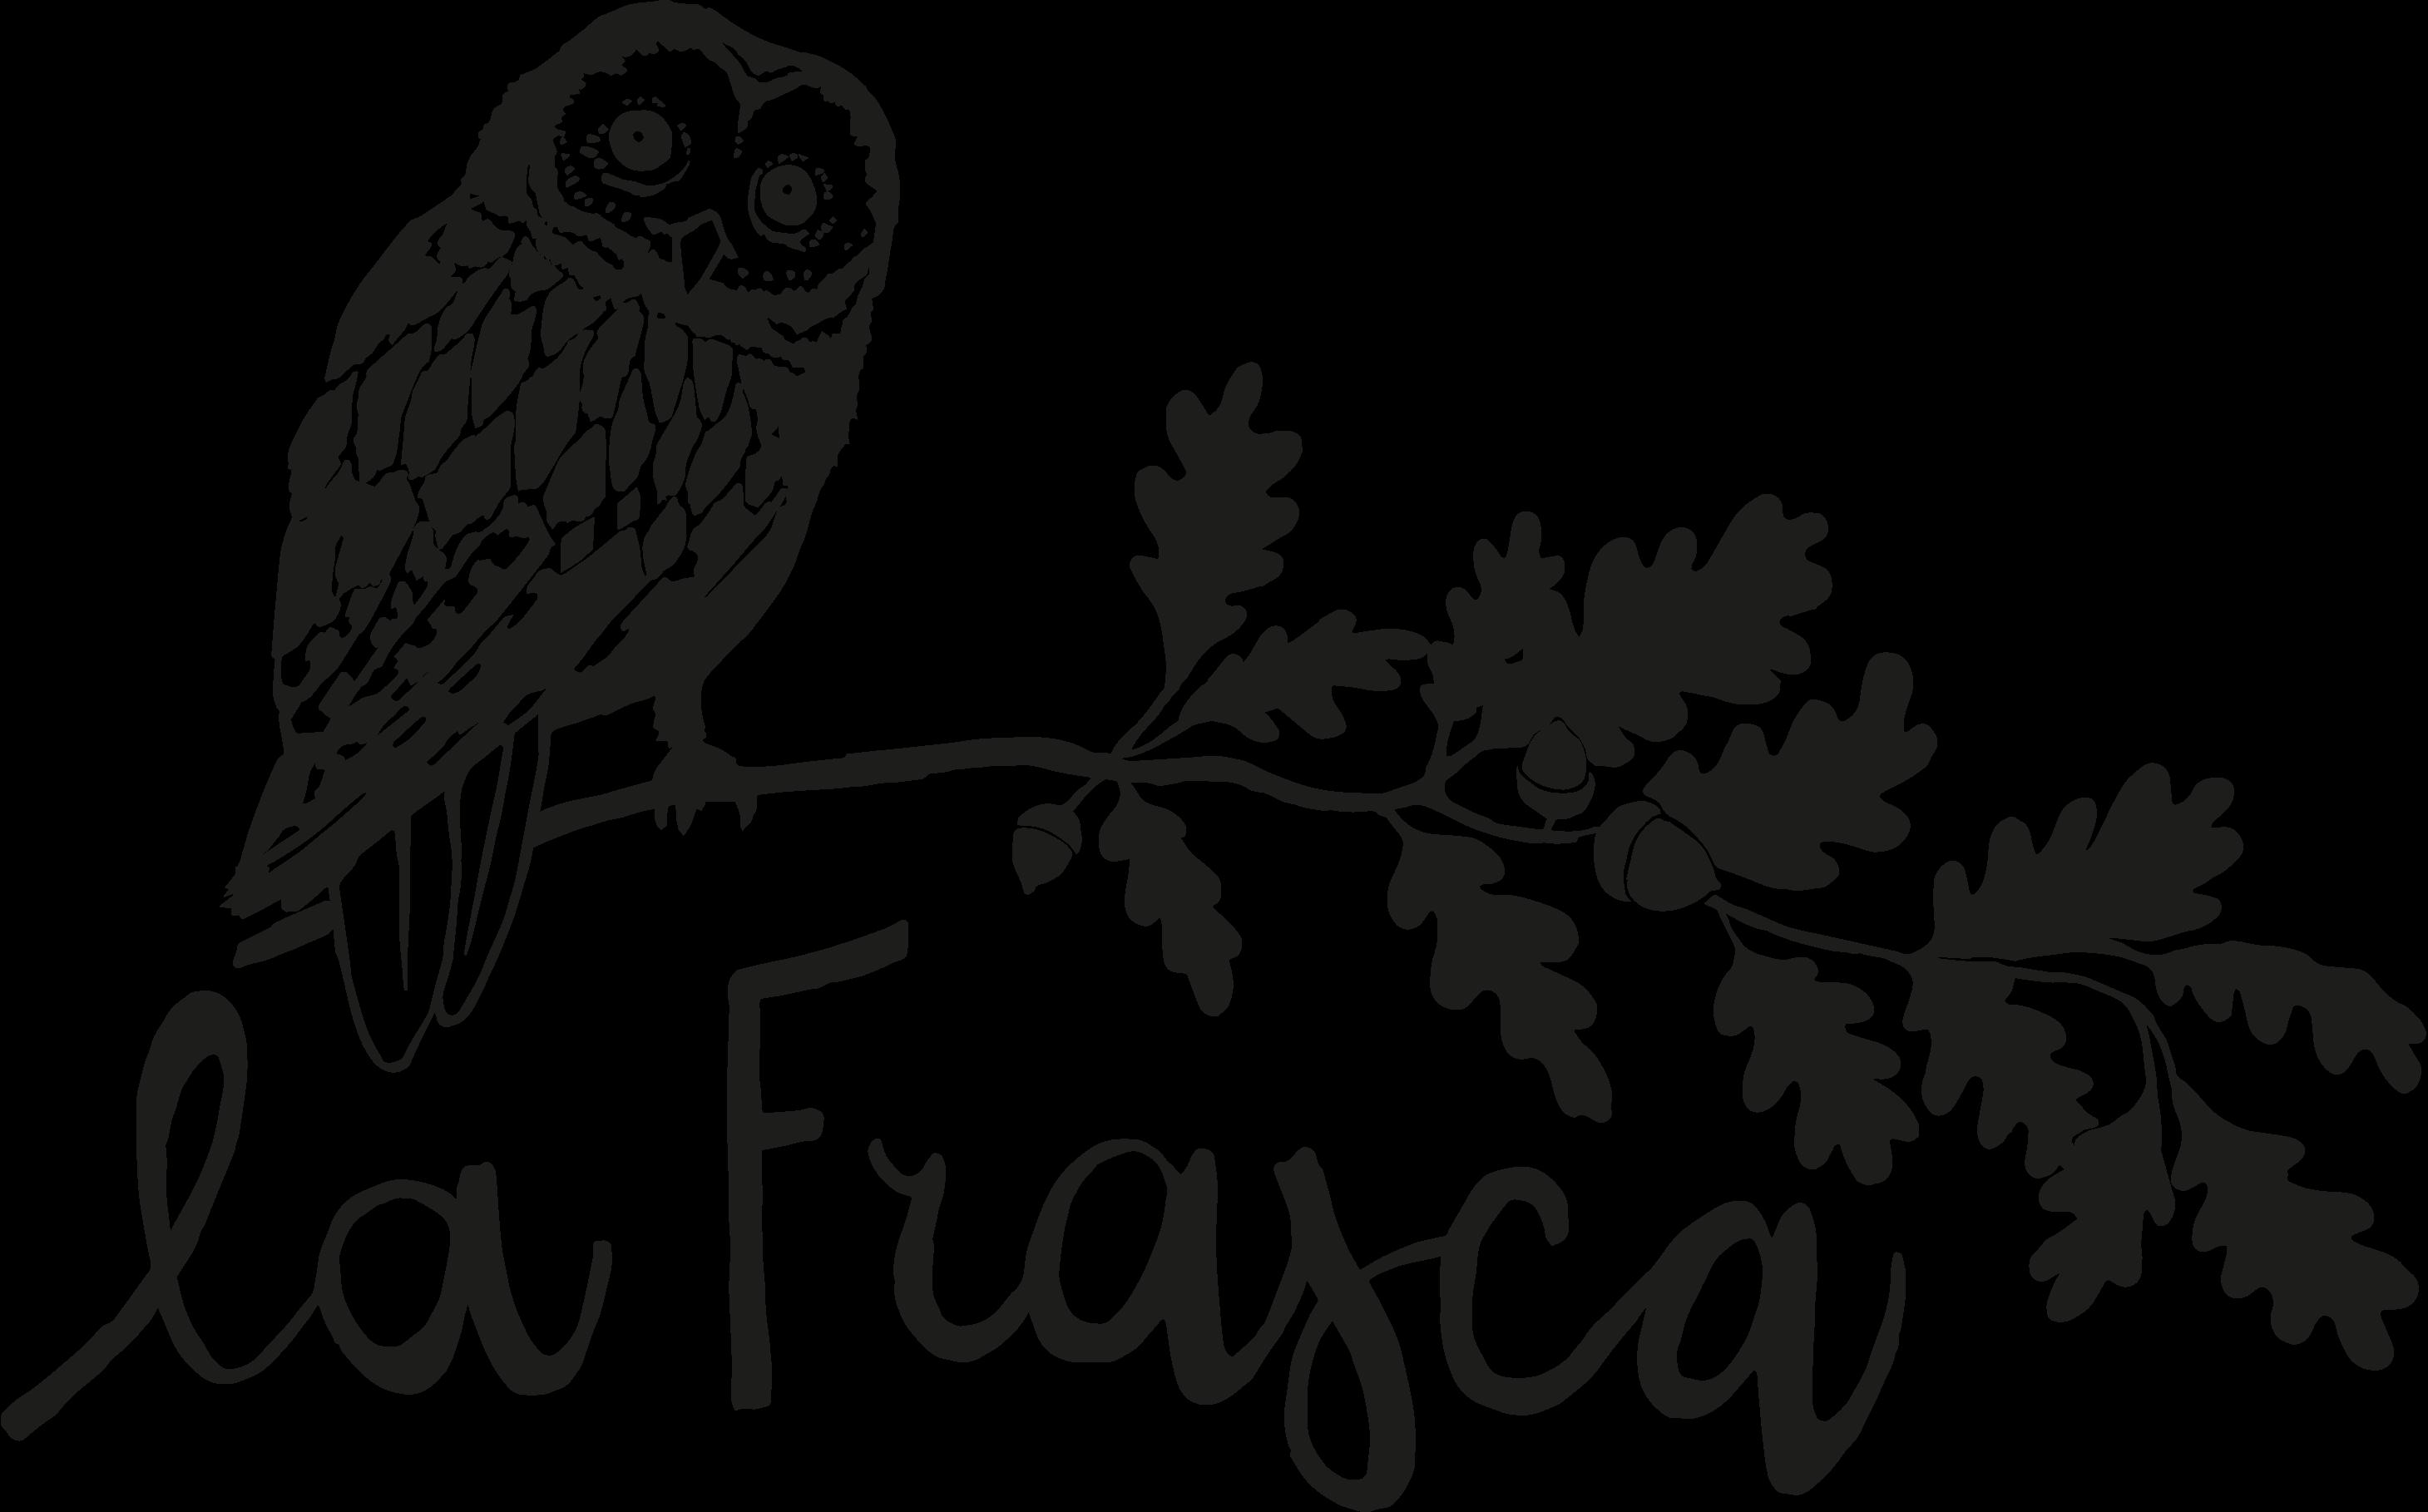 La Frasca Breganze